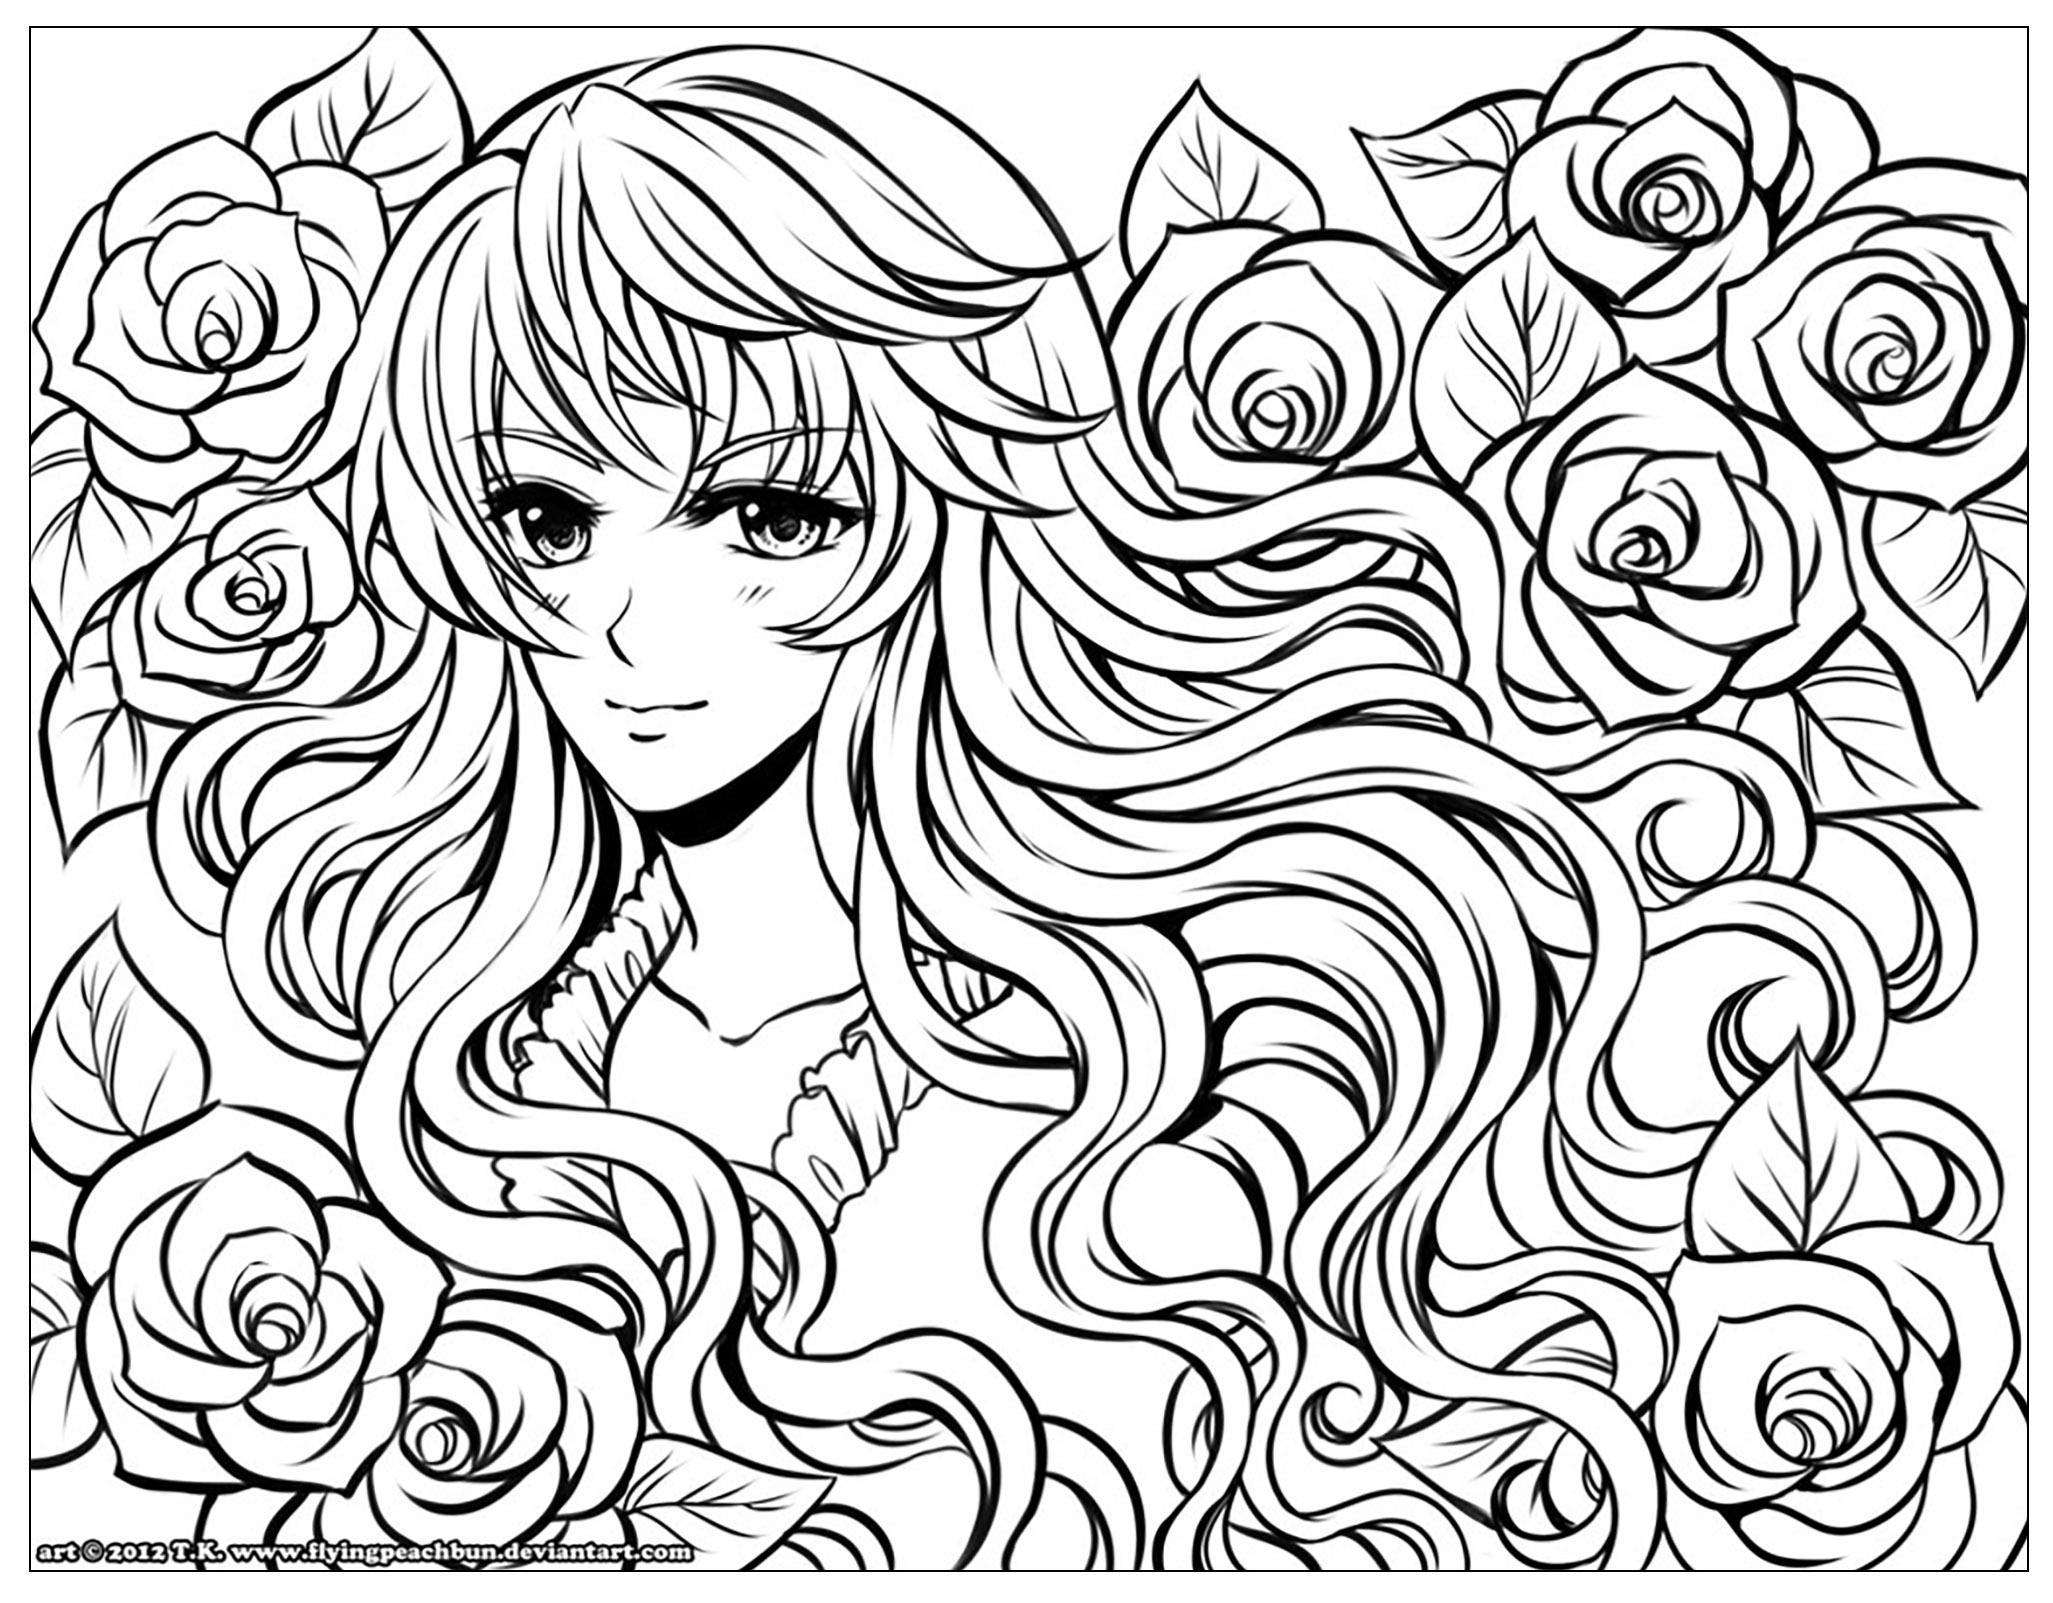 Fille Manga Fleurs Dans Ses Cheveux - Divers Animes Et intérieur Dessin A Colorier De Fleur